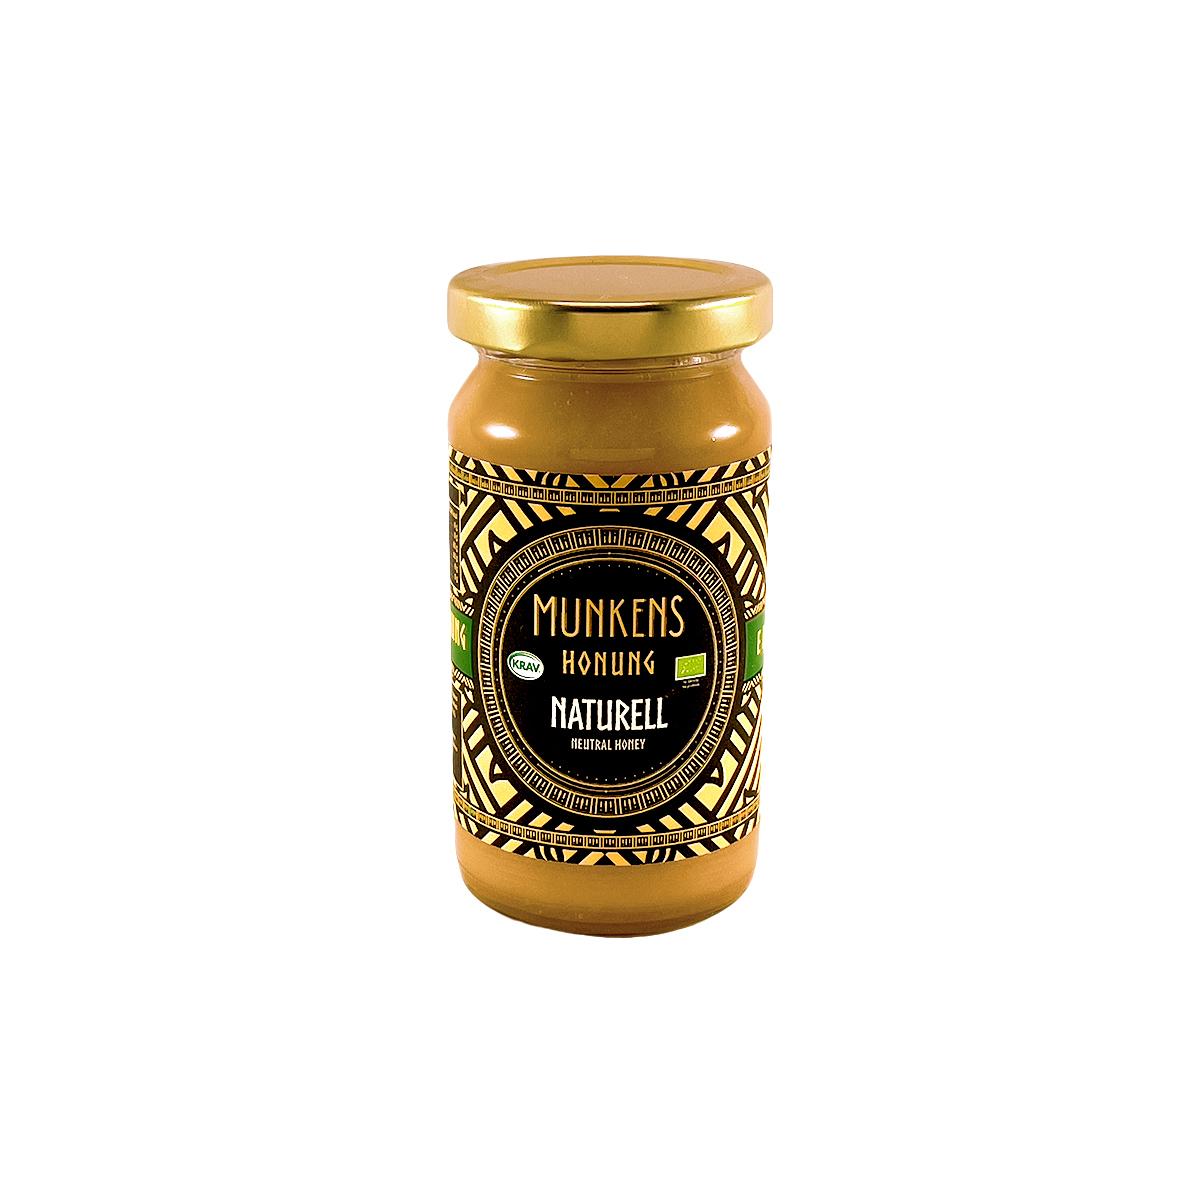 Munkens Honung – Kallrörd:Rå:Raw – Naturell 280g